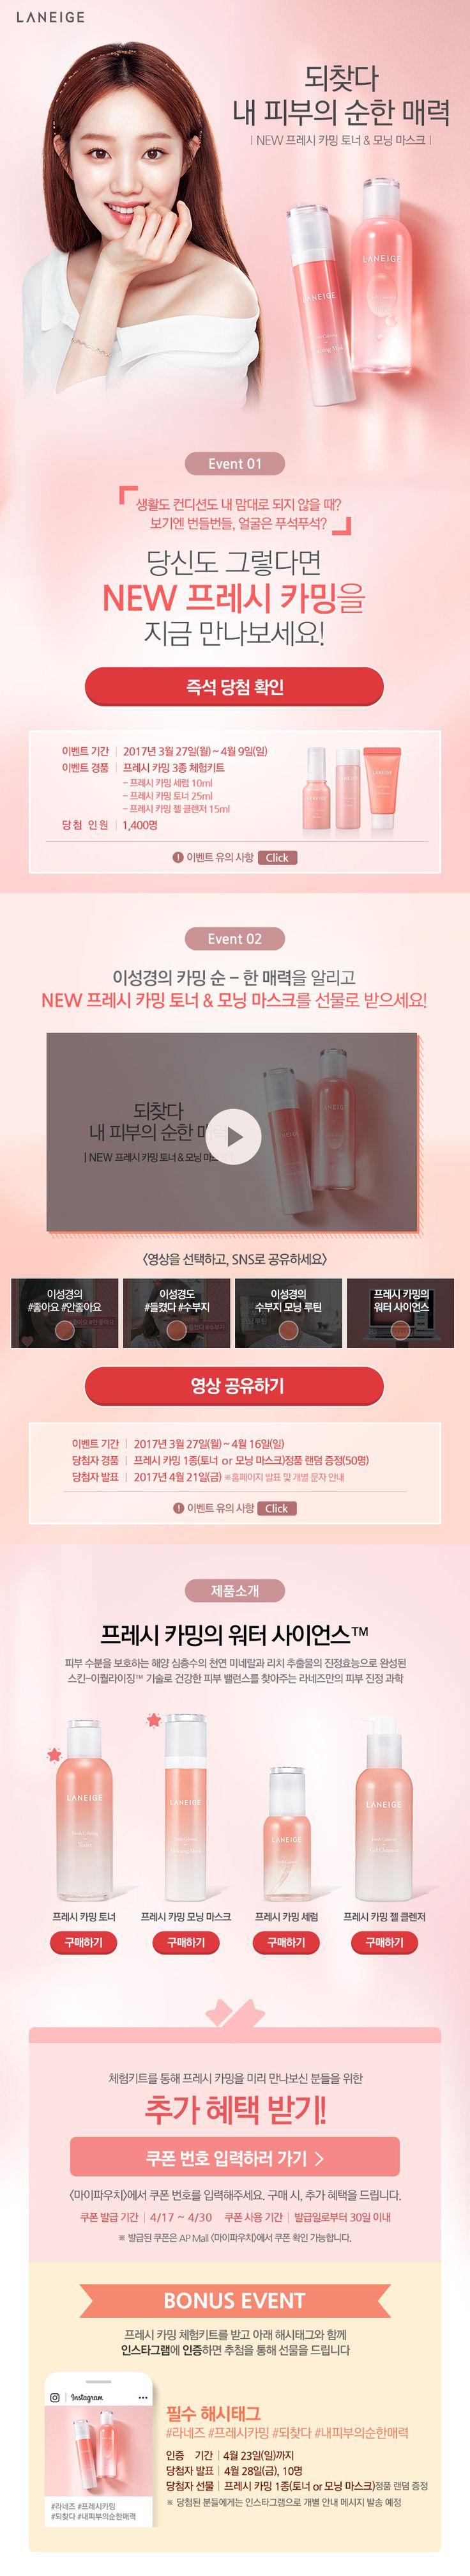 베리떼 1일 2팩~올인원까지!! NEW~마스크팩 런칭!! – 아모레퍼시픽 쇼핑몰